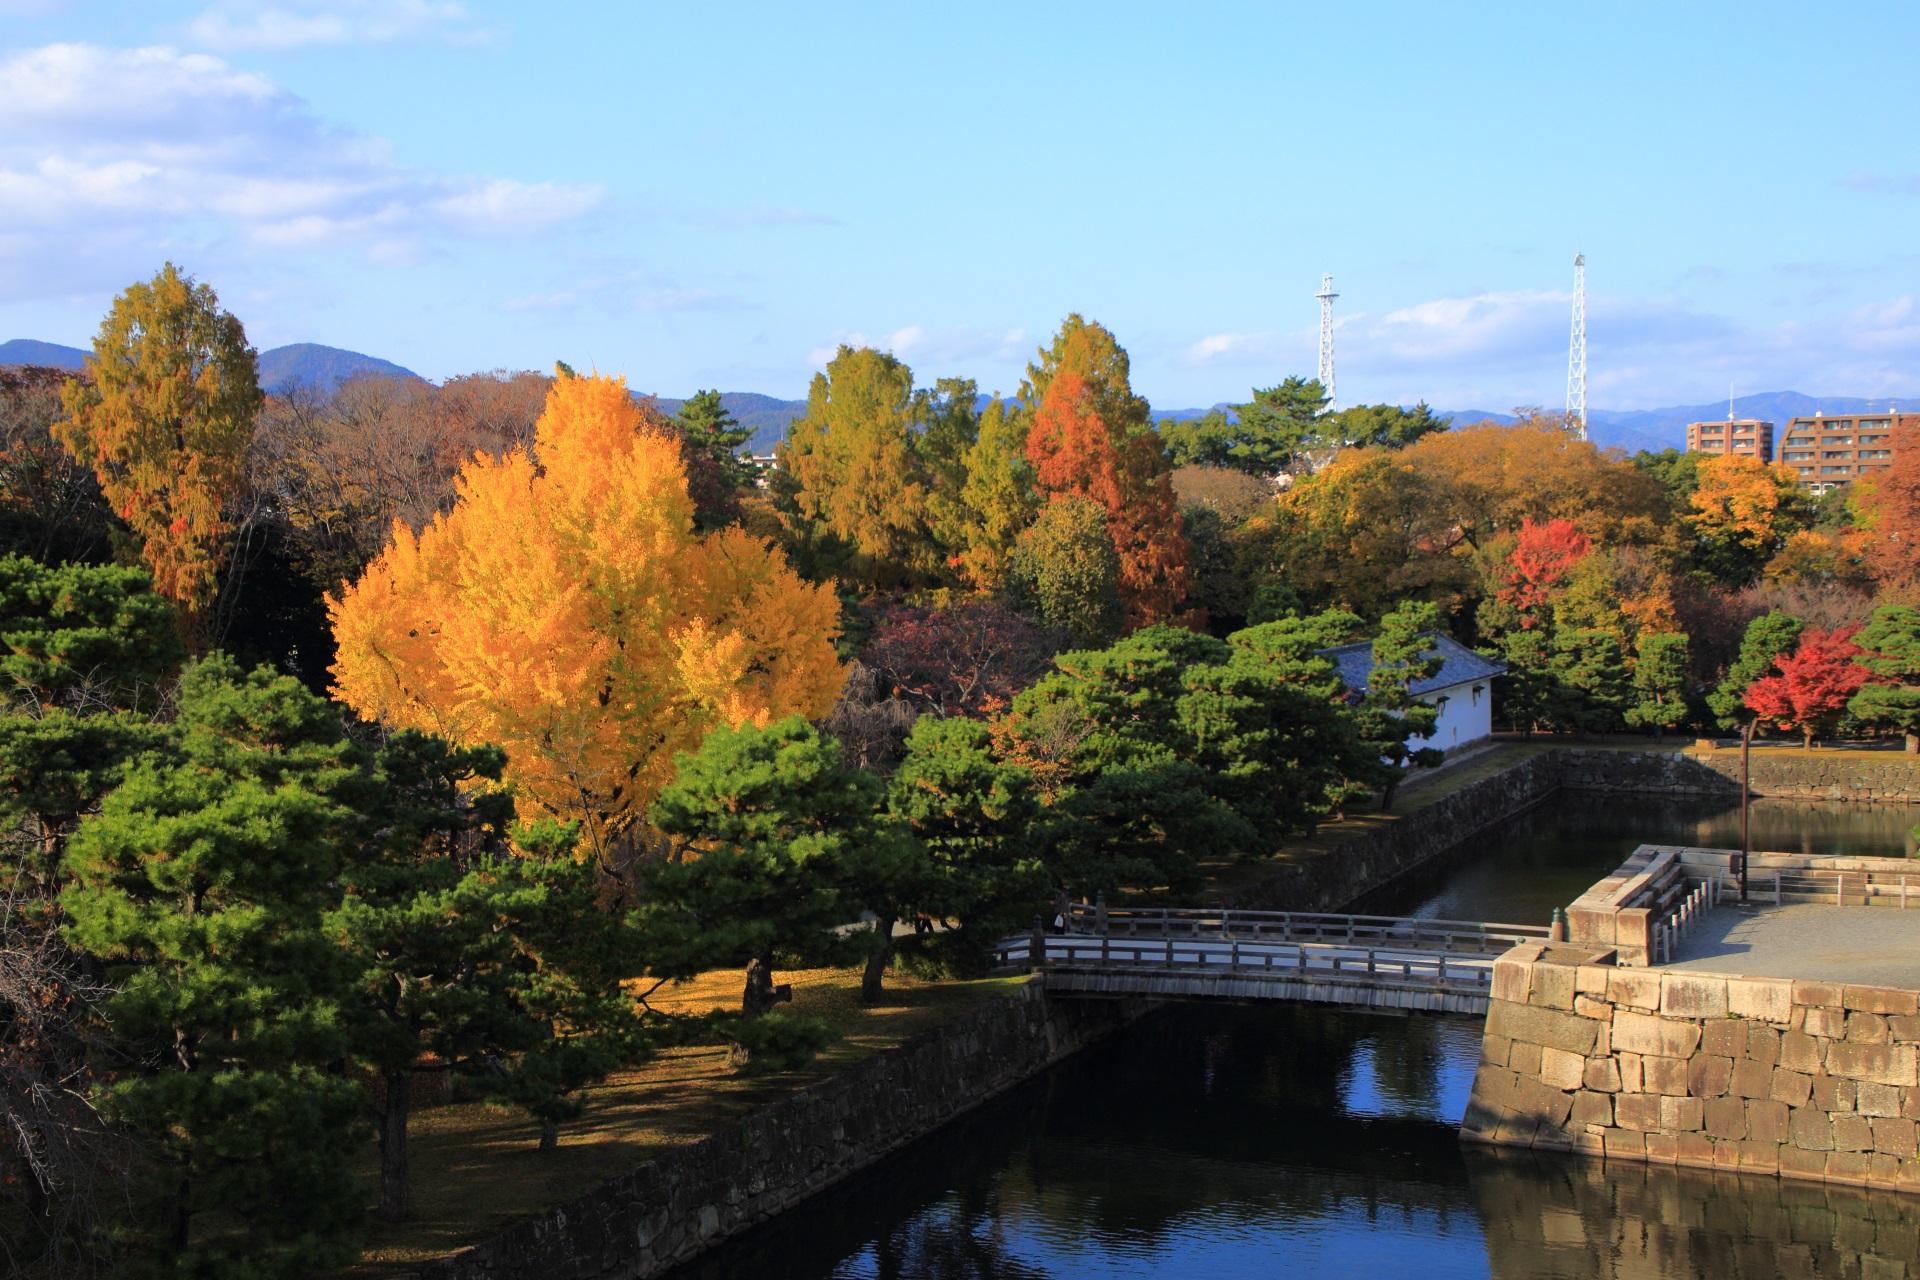 天守閣跡から眺めた秋の城内と圧倒的な銀杏